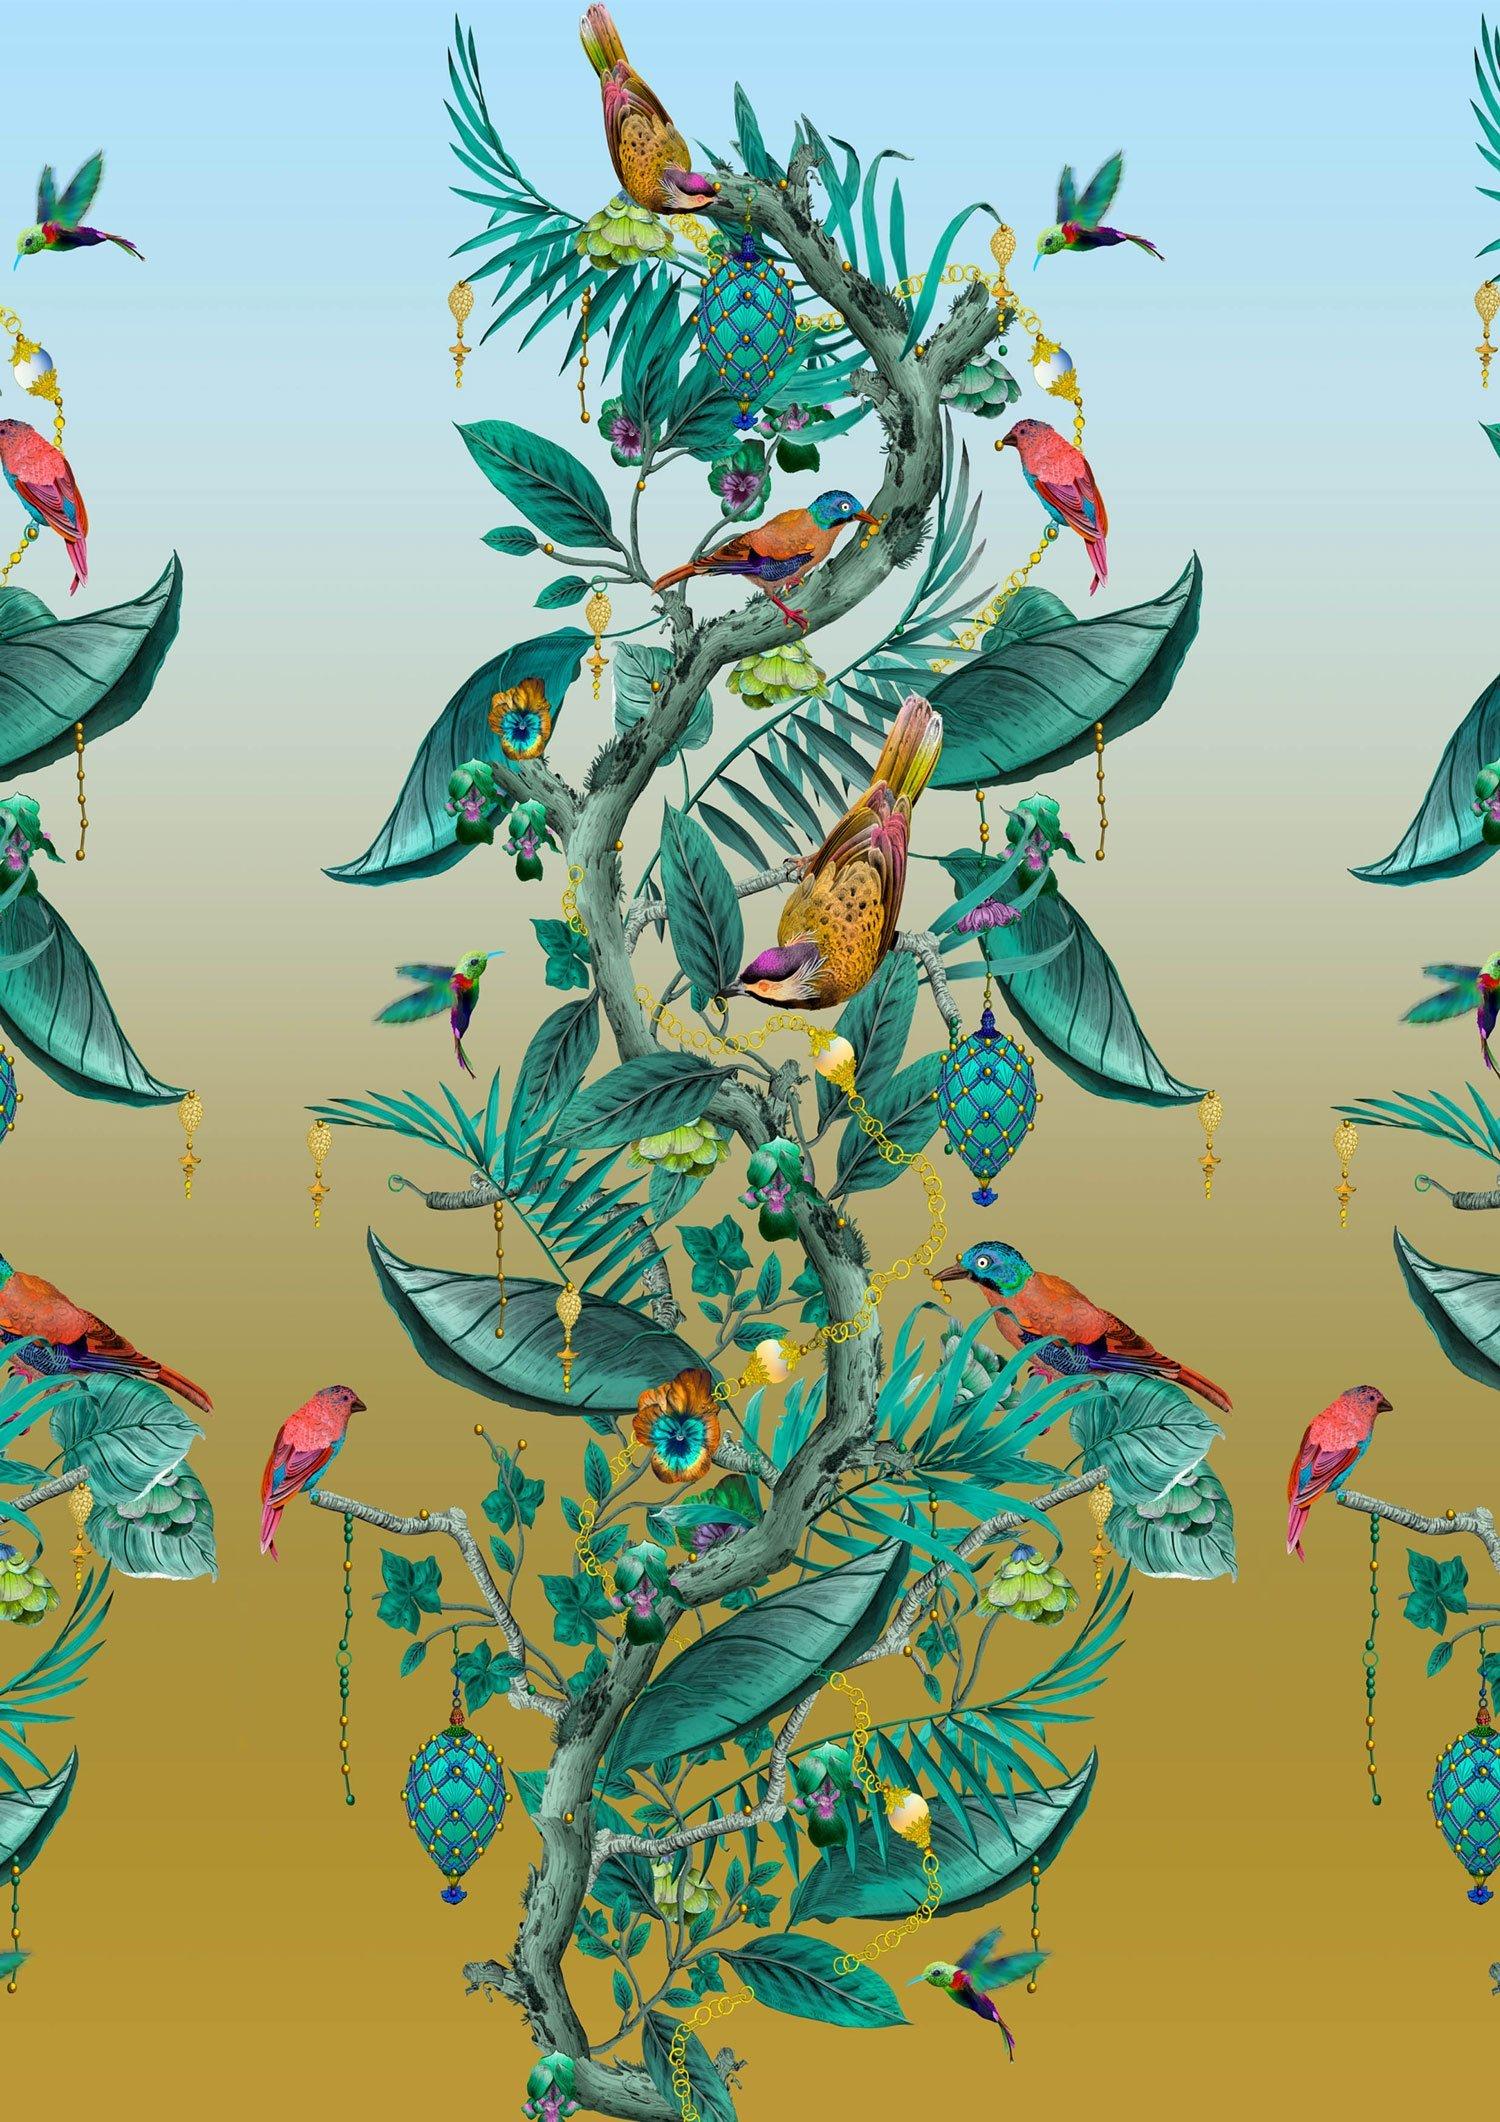 Ecclesiastical-Botanica-8941-105-image-repeat